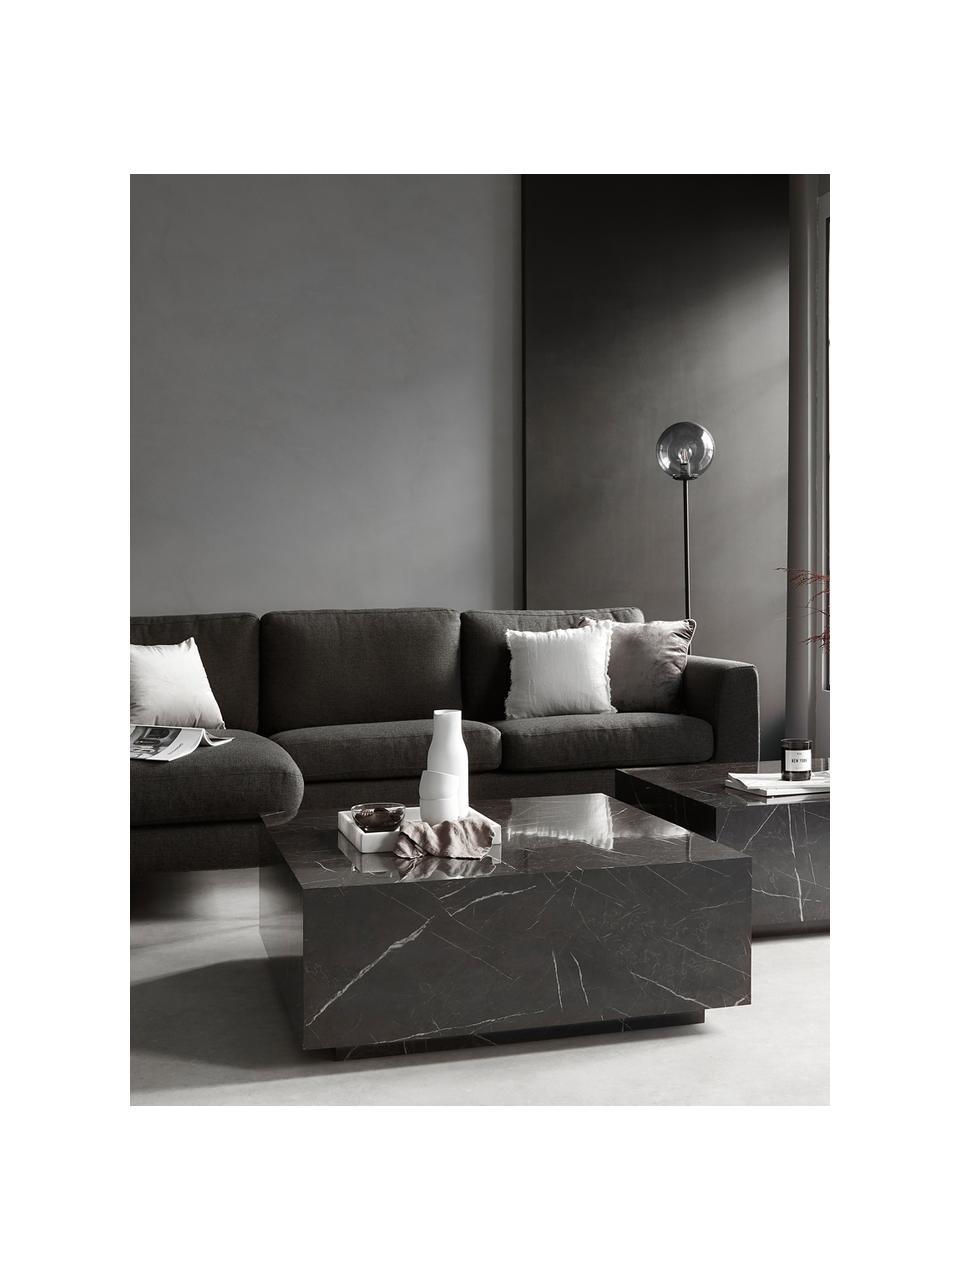 Tavolino da salotto effetto marmo Lesley, Pannello di fibra a media densità (MDF) rivestito con foglio di melamina, Nero marmorizzato, Larg. 90 x Alt. 35 cm